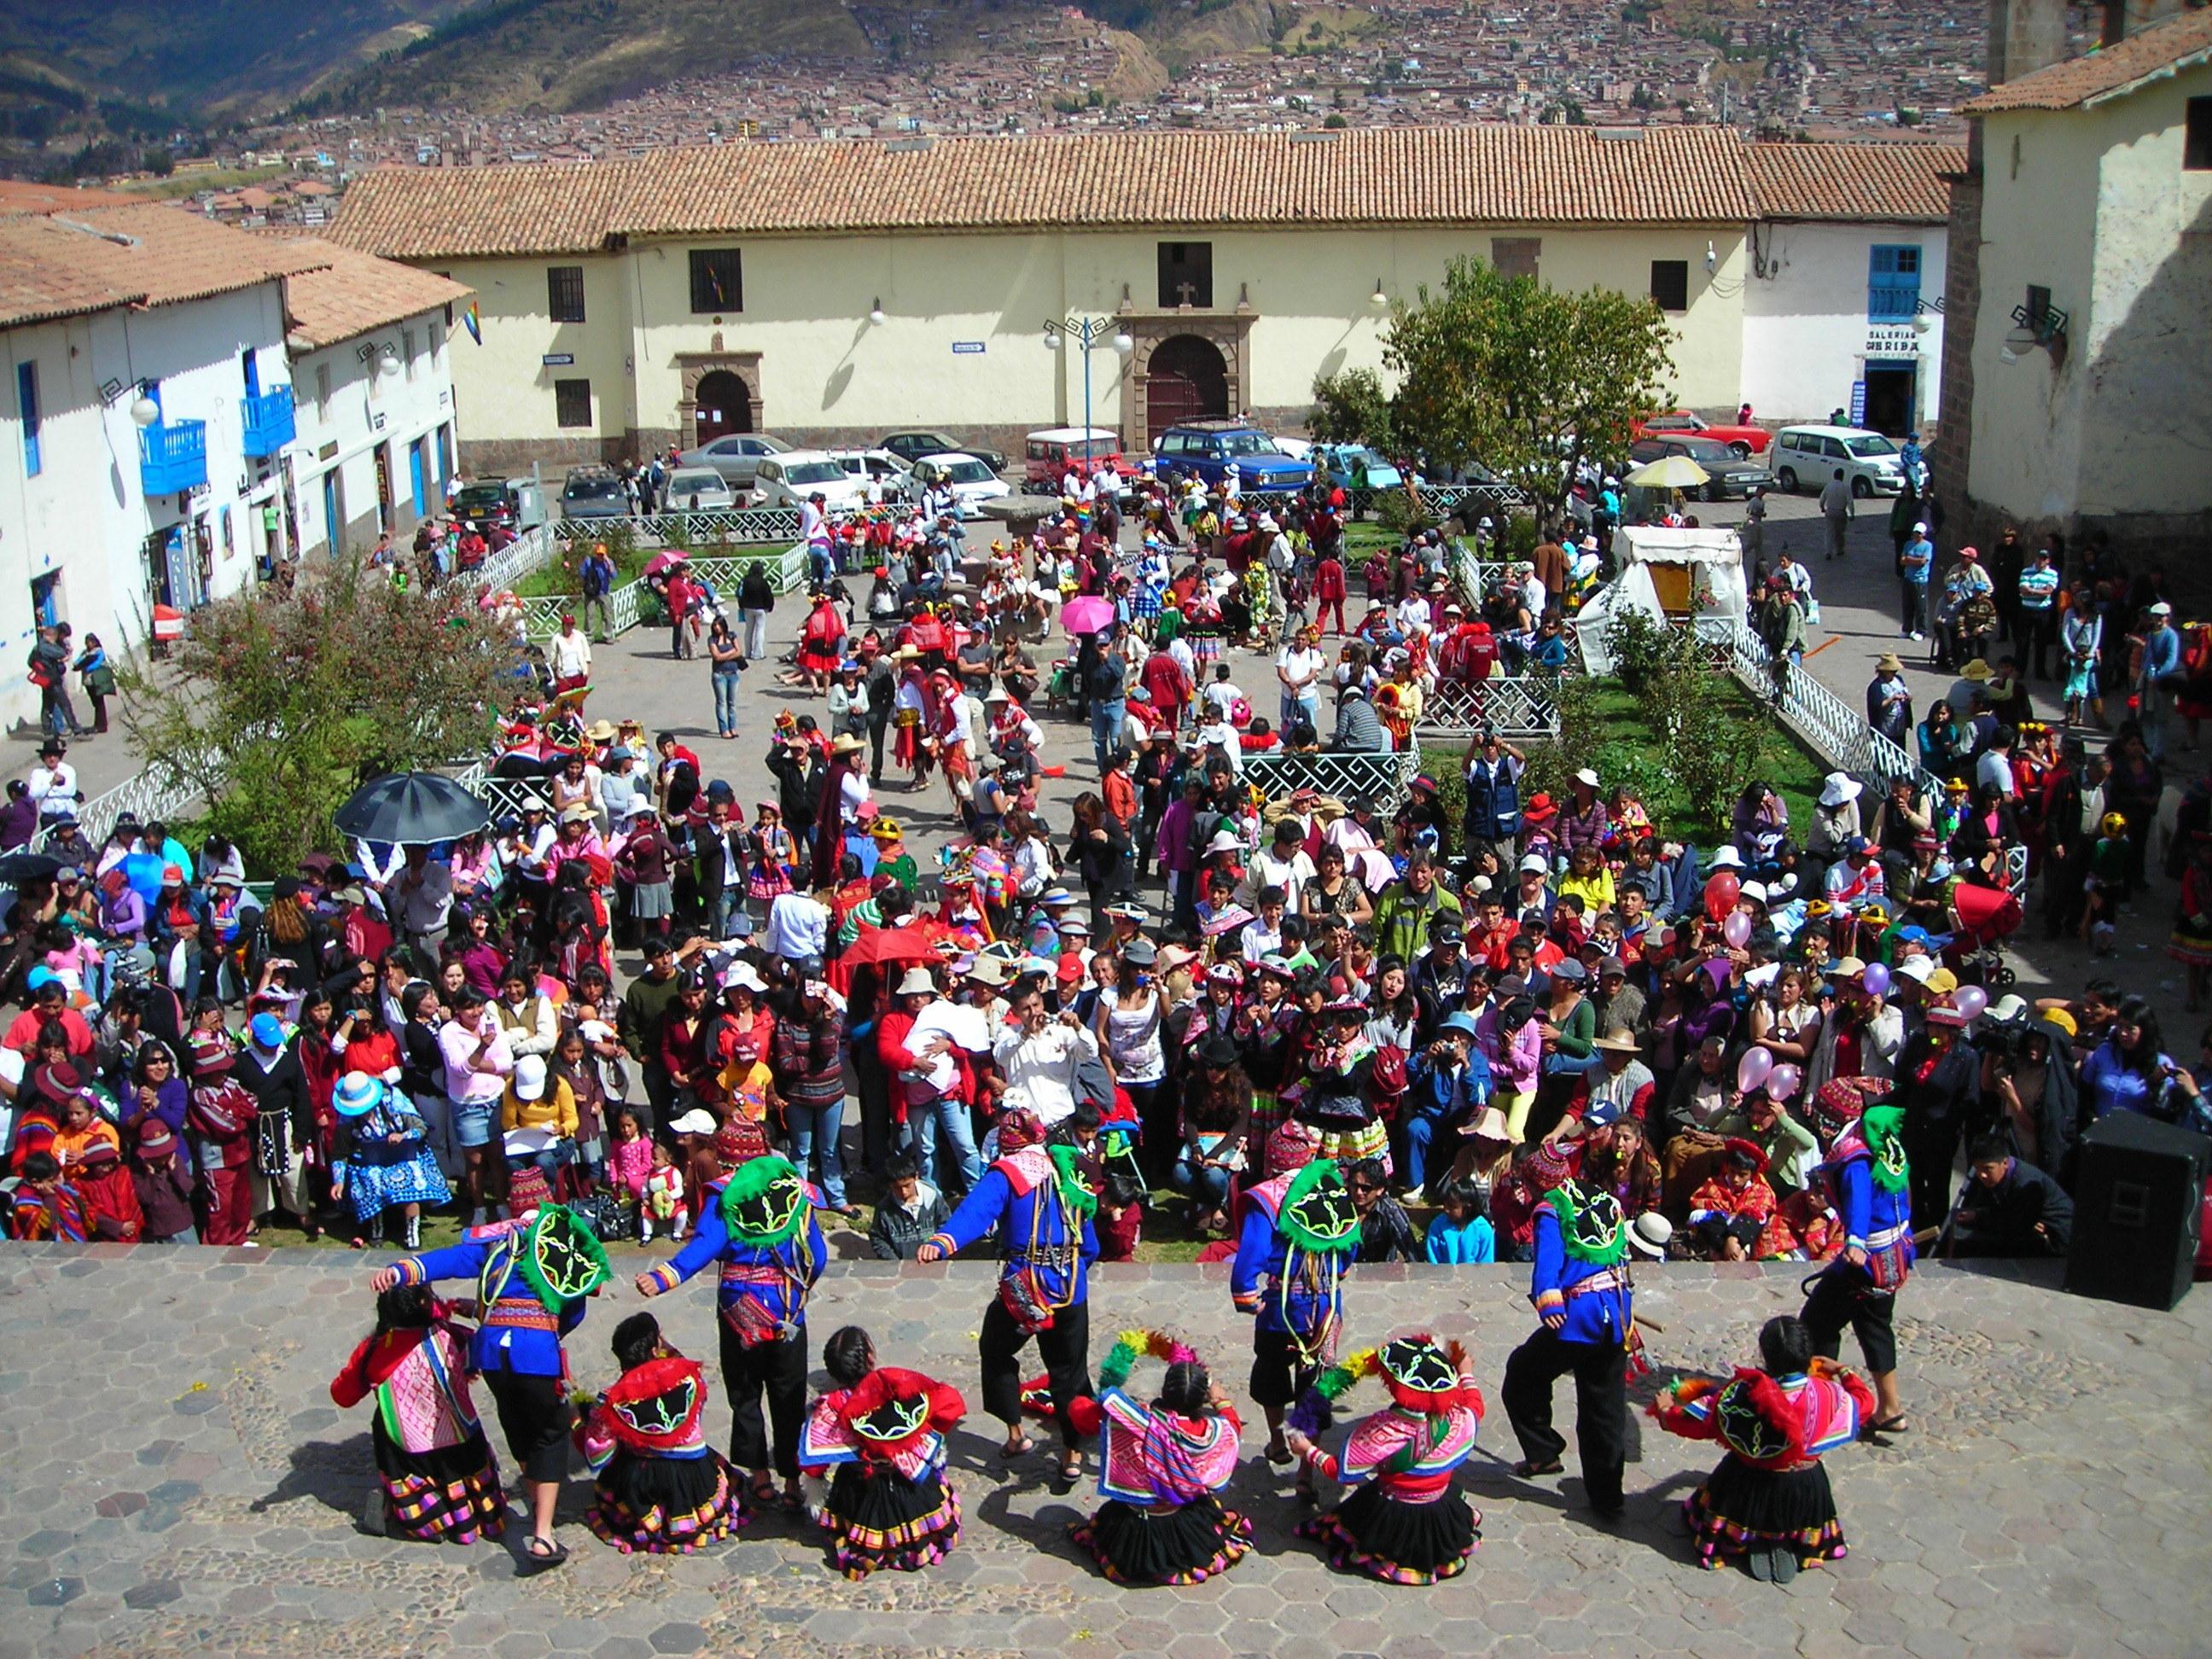 Peruvians dancing at Plaza San Blas, Cusco, Peru